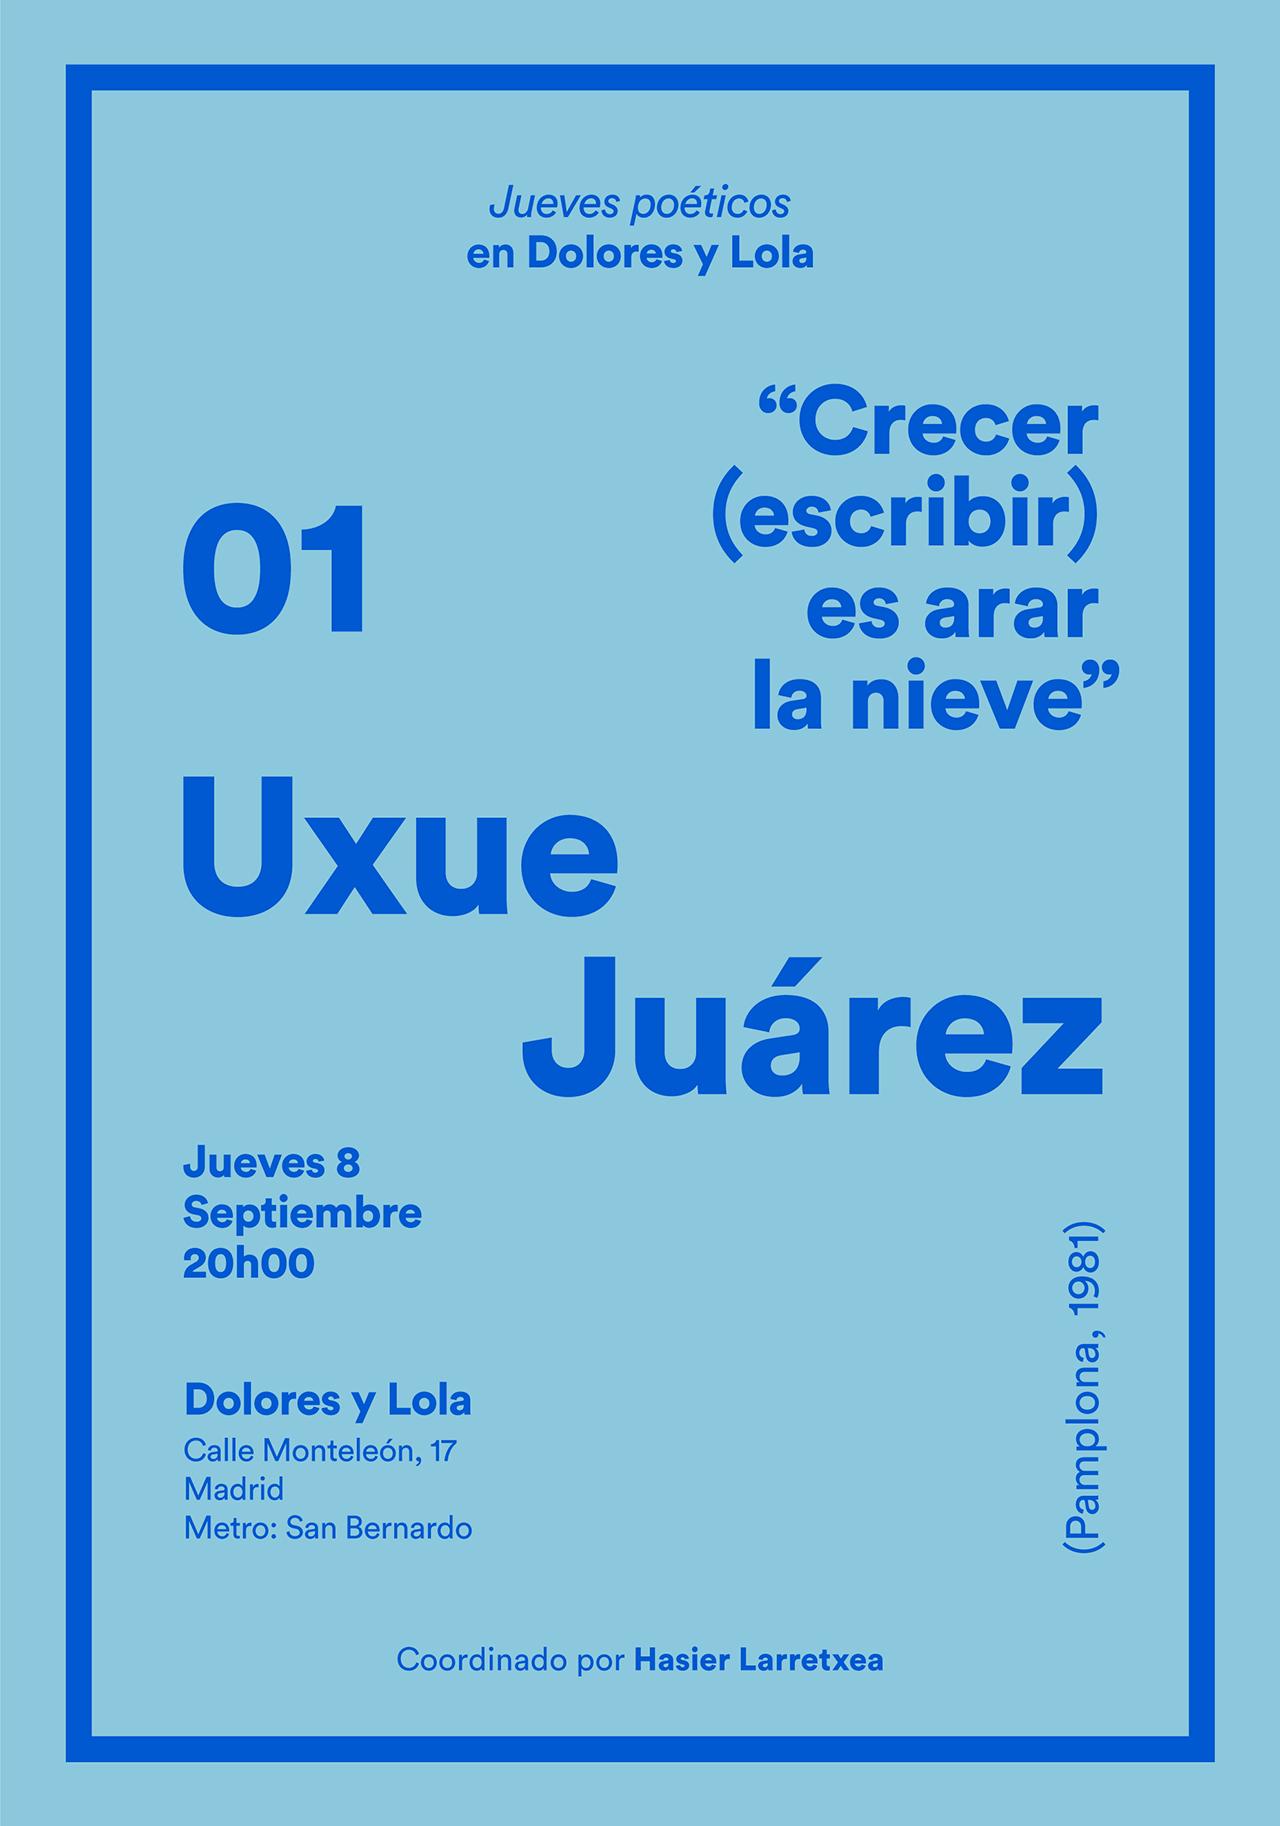 01_uxue_poster